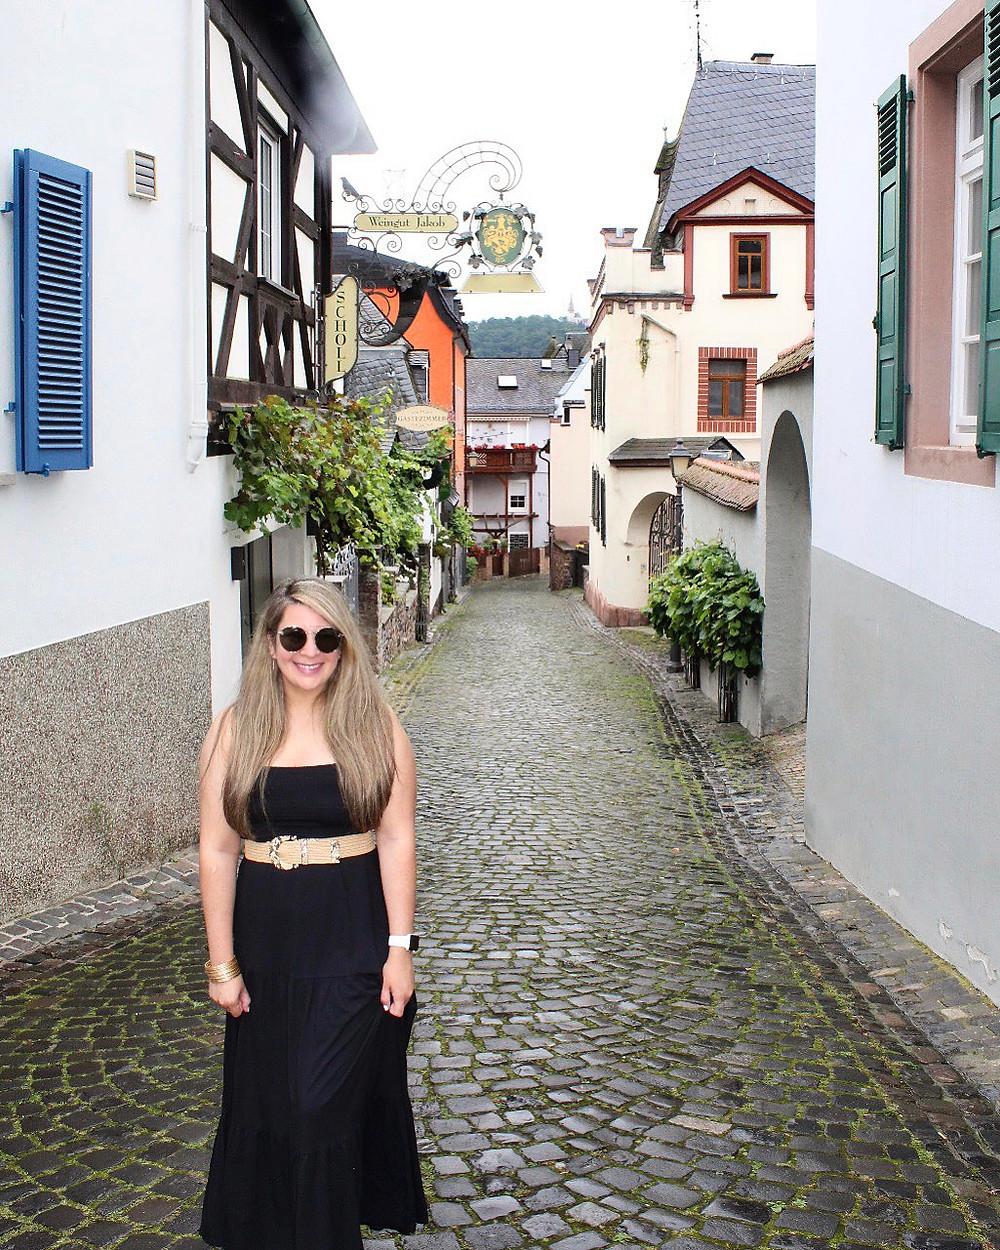 Conociendo a Rüdesheim en 48 horas.